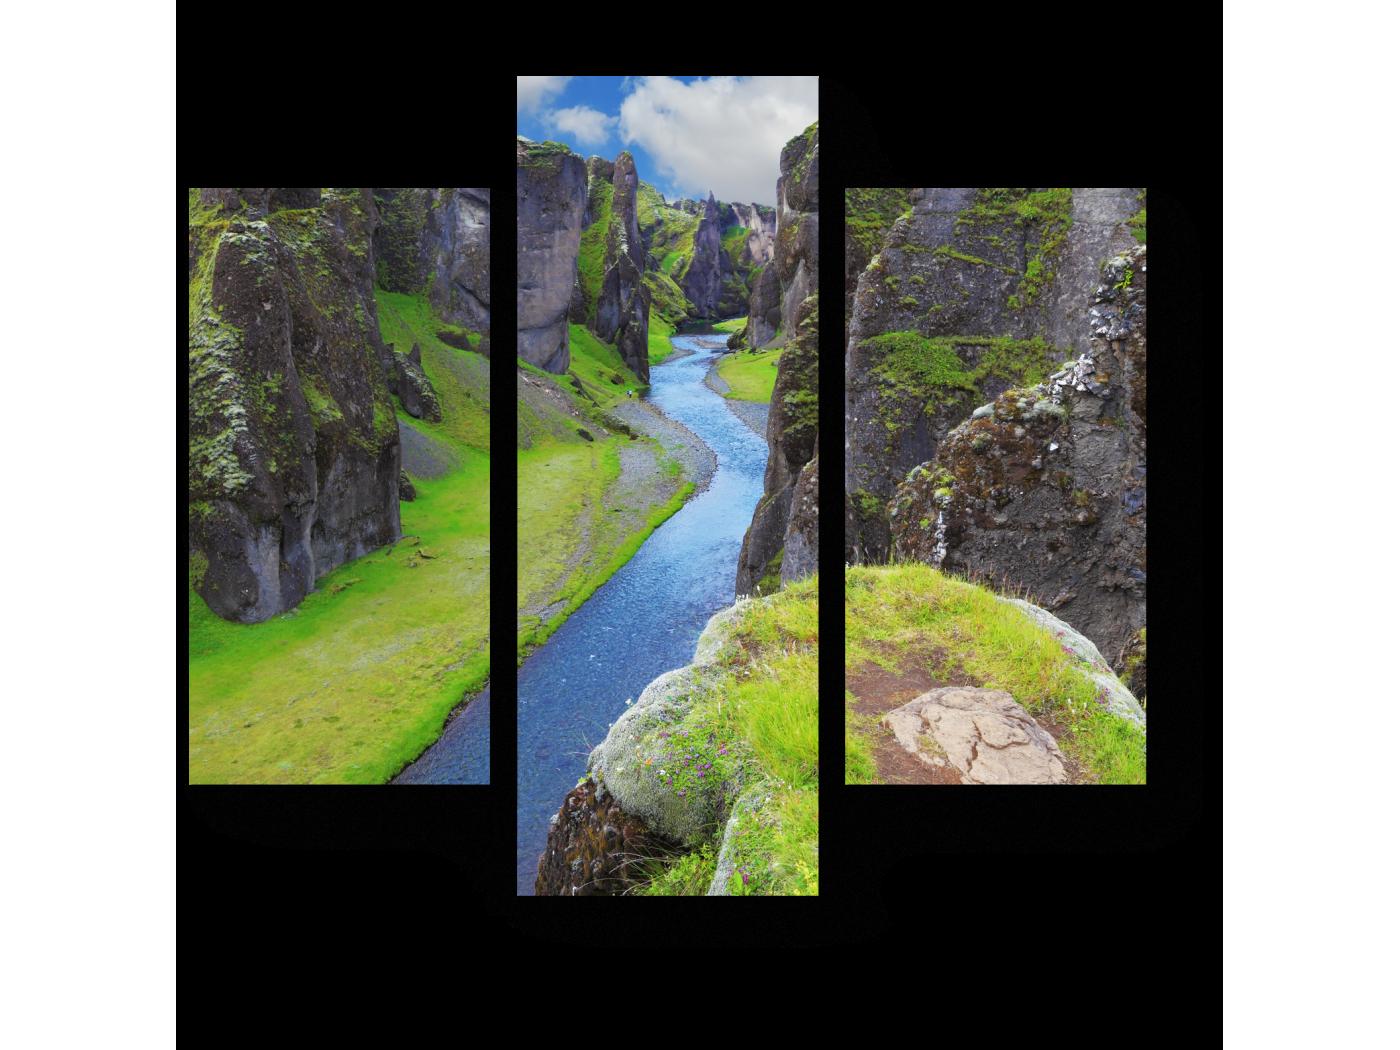 Модульная картина Река в каньоне (60x54) фото